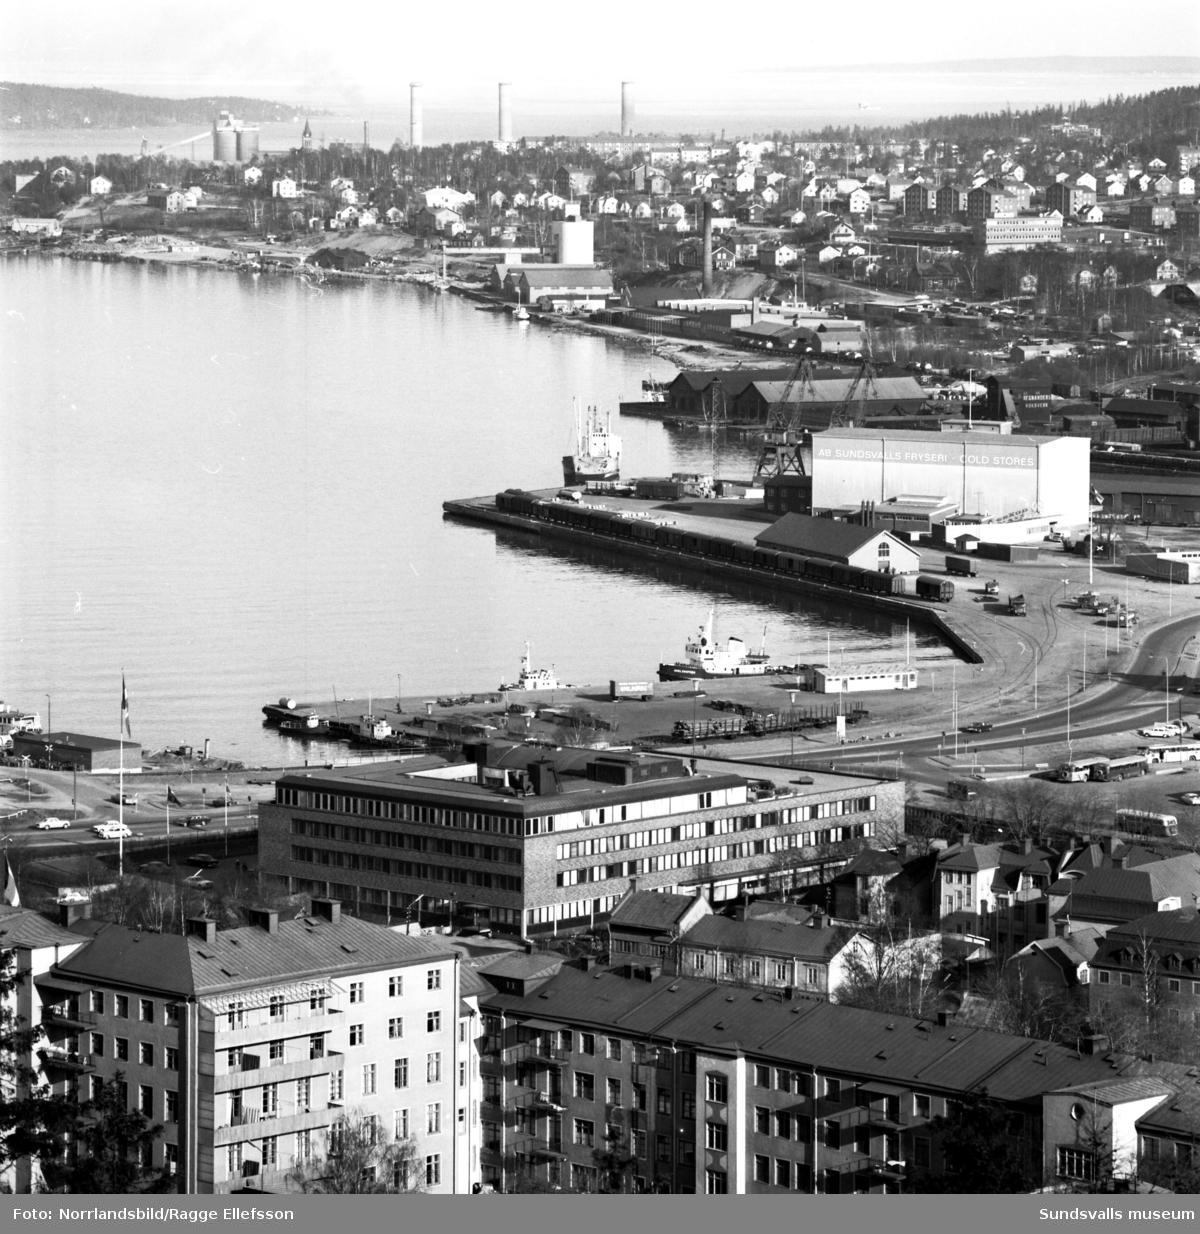 Sundsvall sett från Norra berget. Hamnen, oljehamnen, fryshuset, GA-kyrkan, Stenstaden.